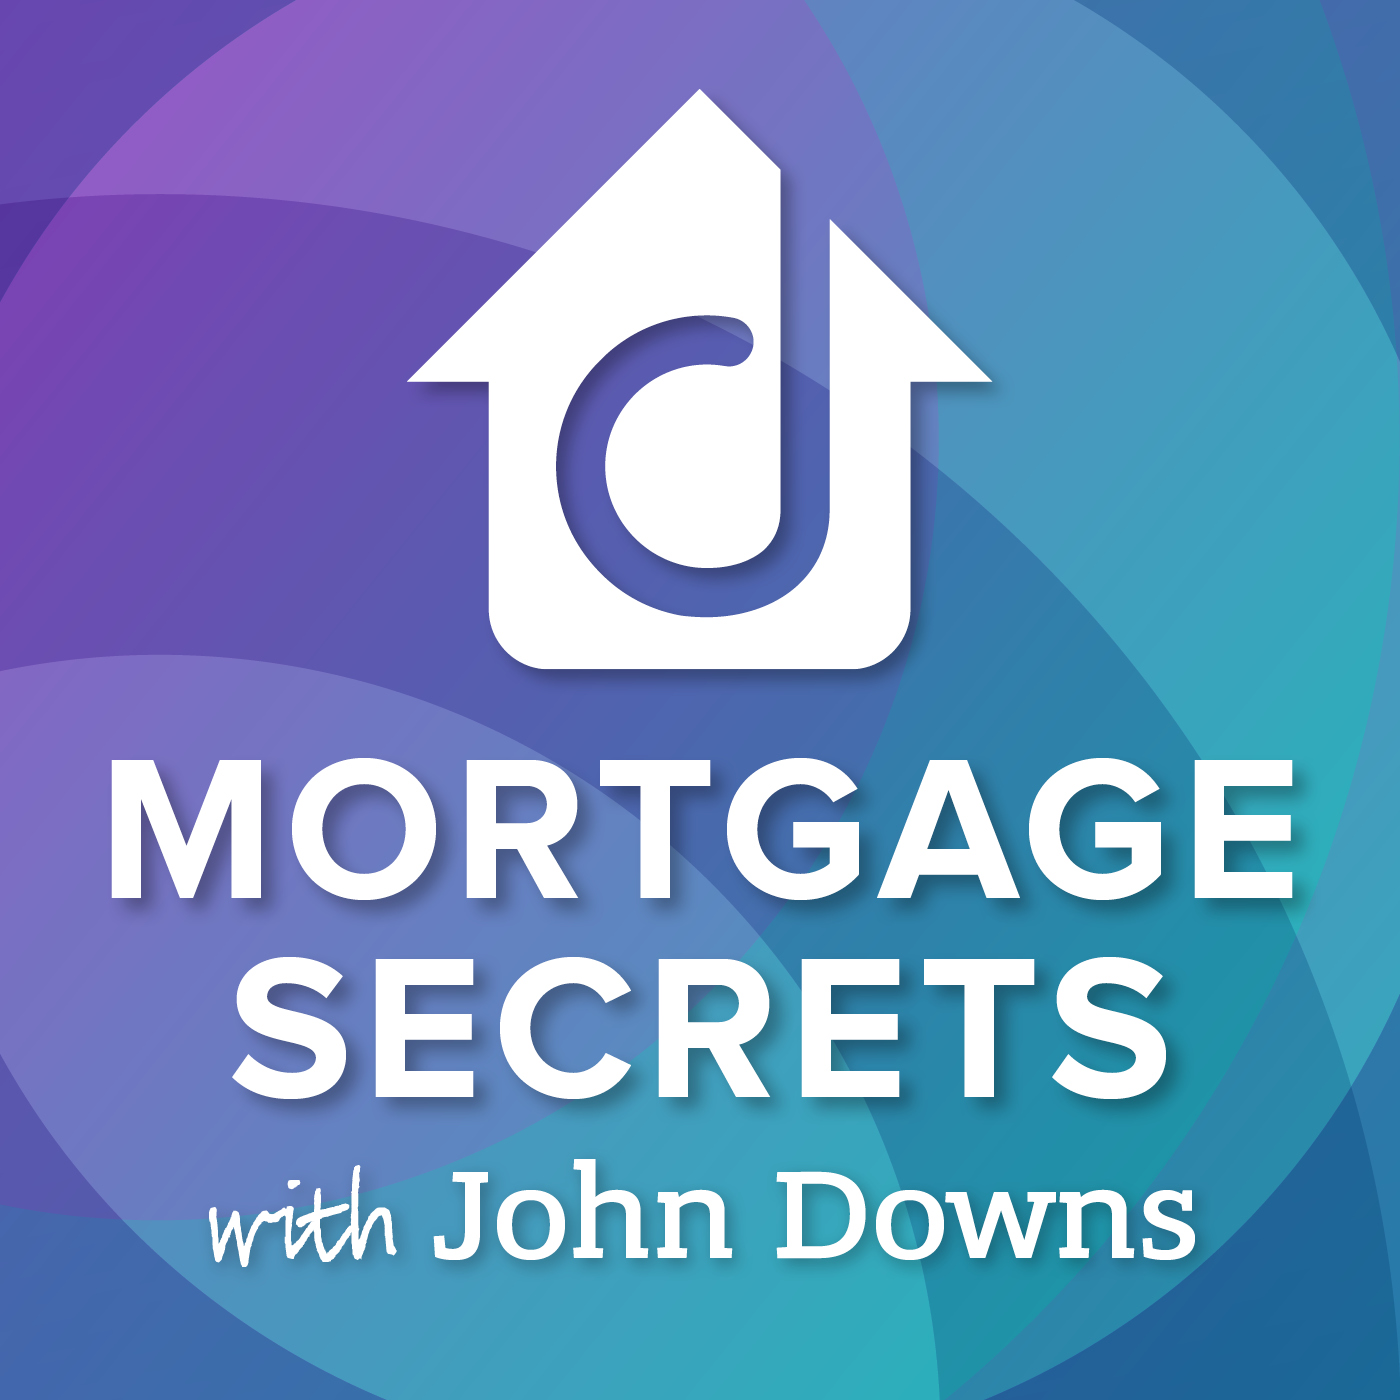 mortgage-secrets-icon-1400px.jpg